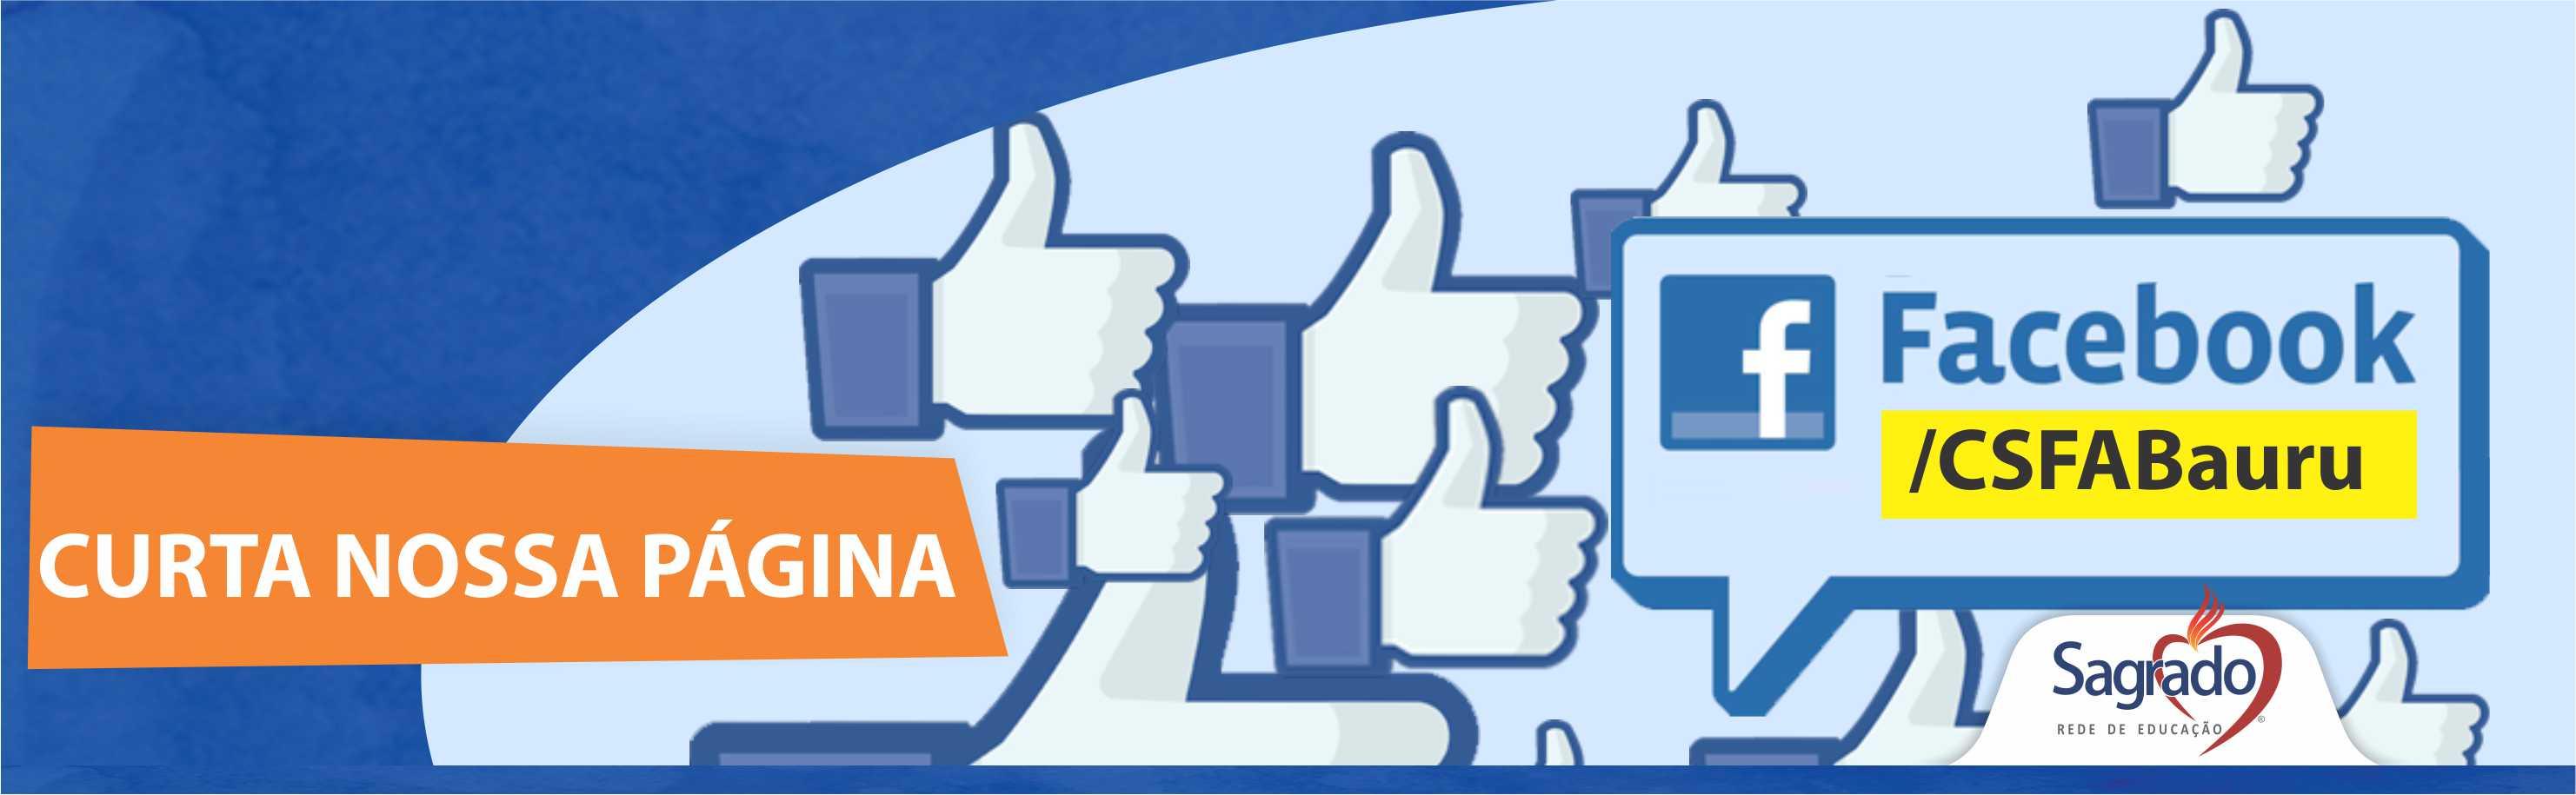 Curta Facebook